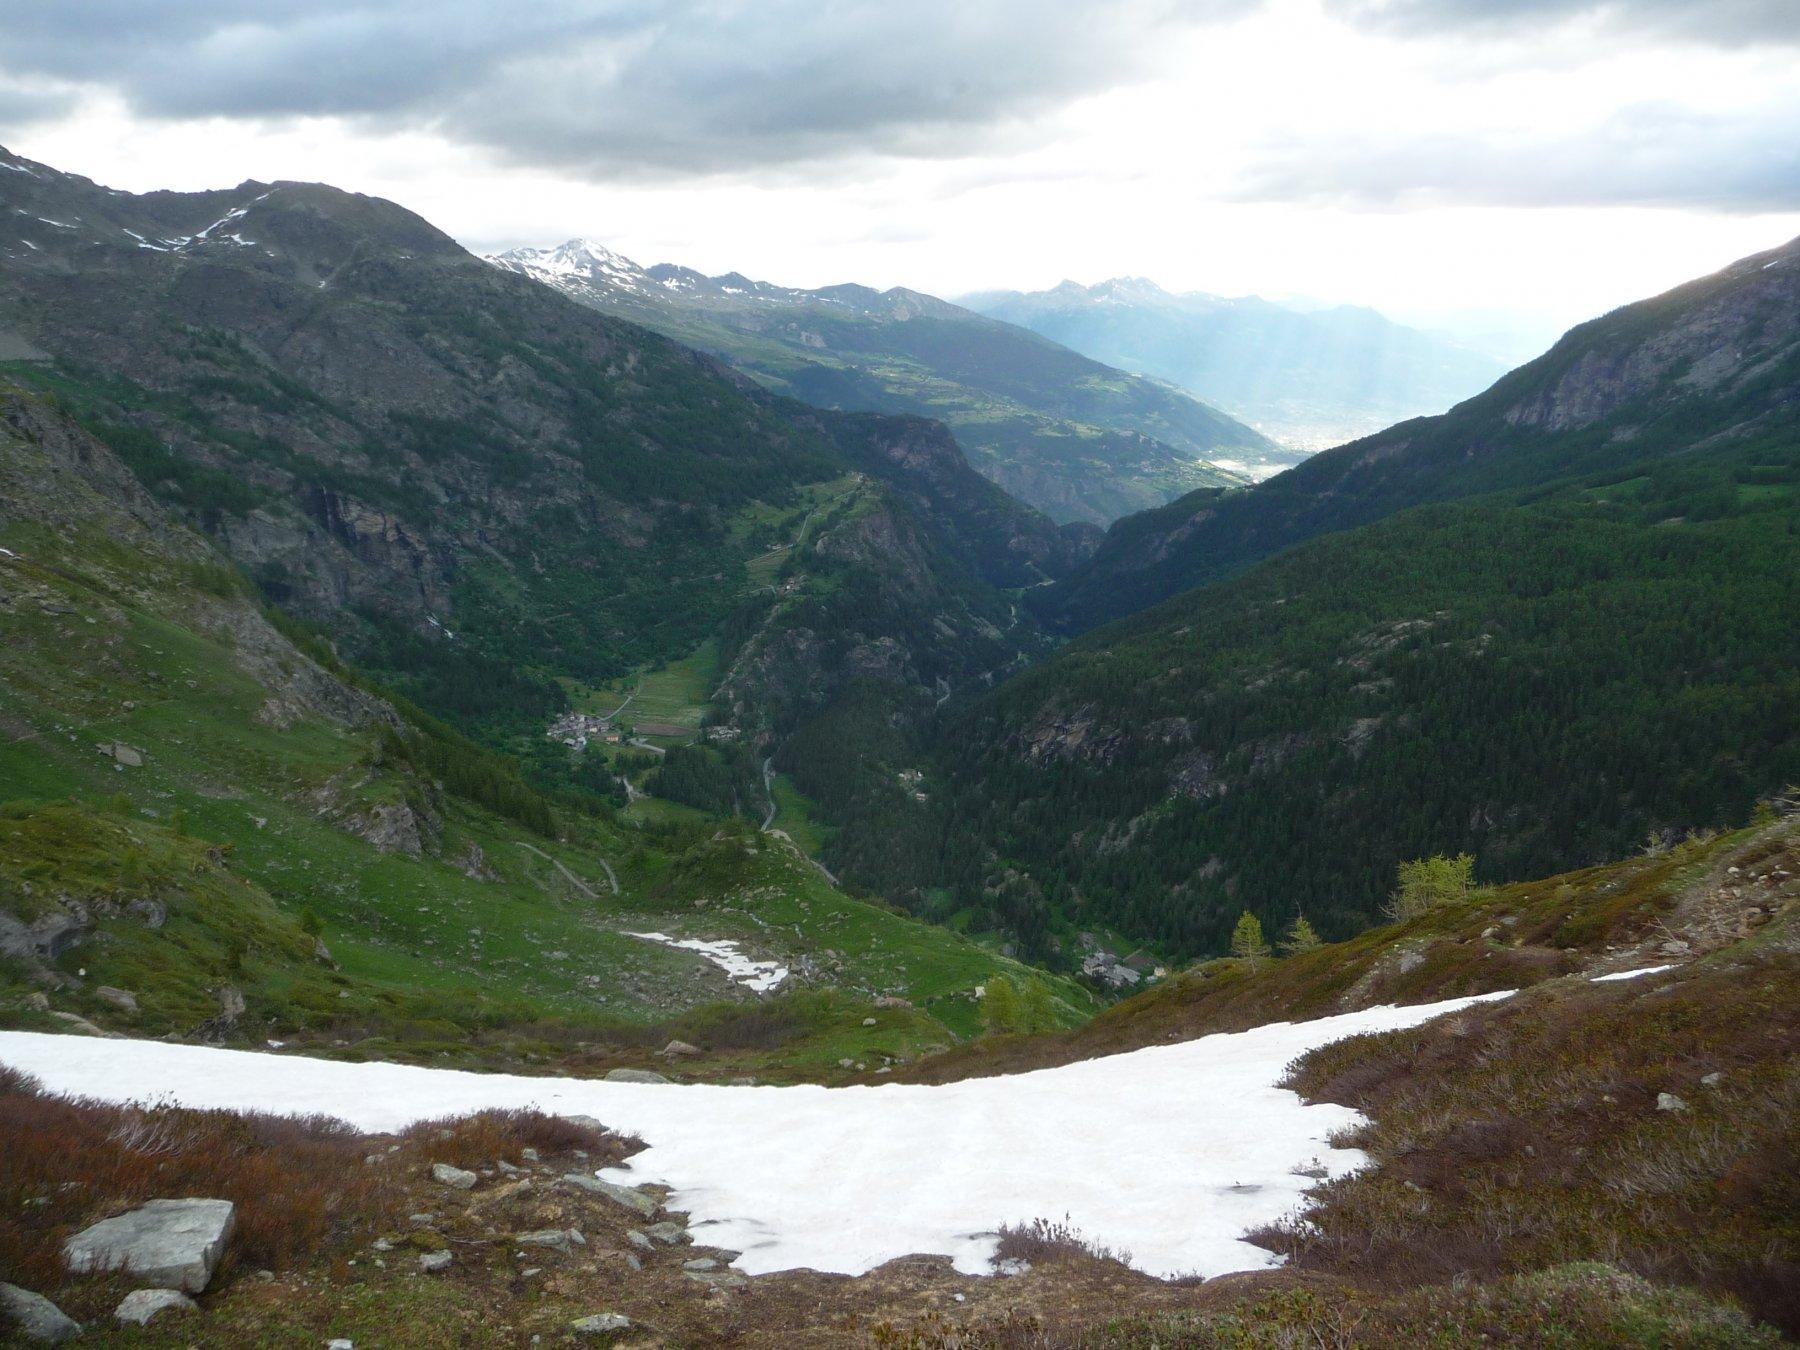 Qui si calzano gli sci oggi